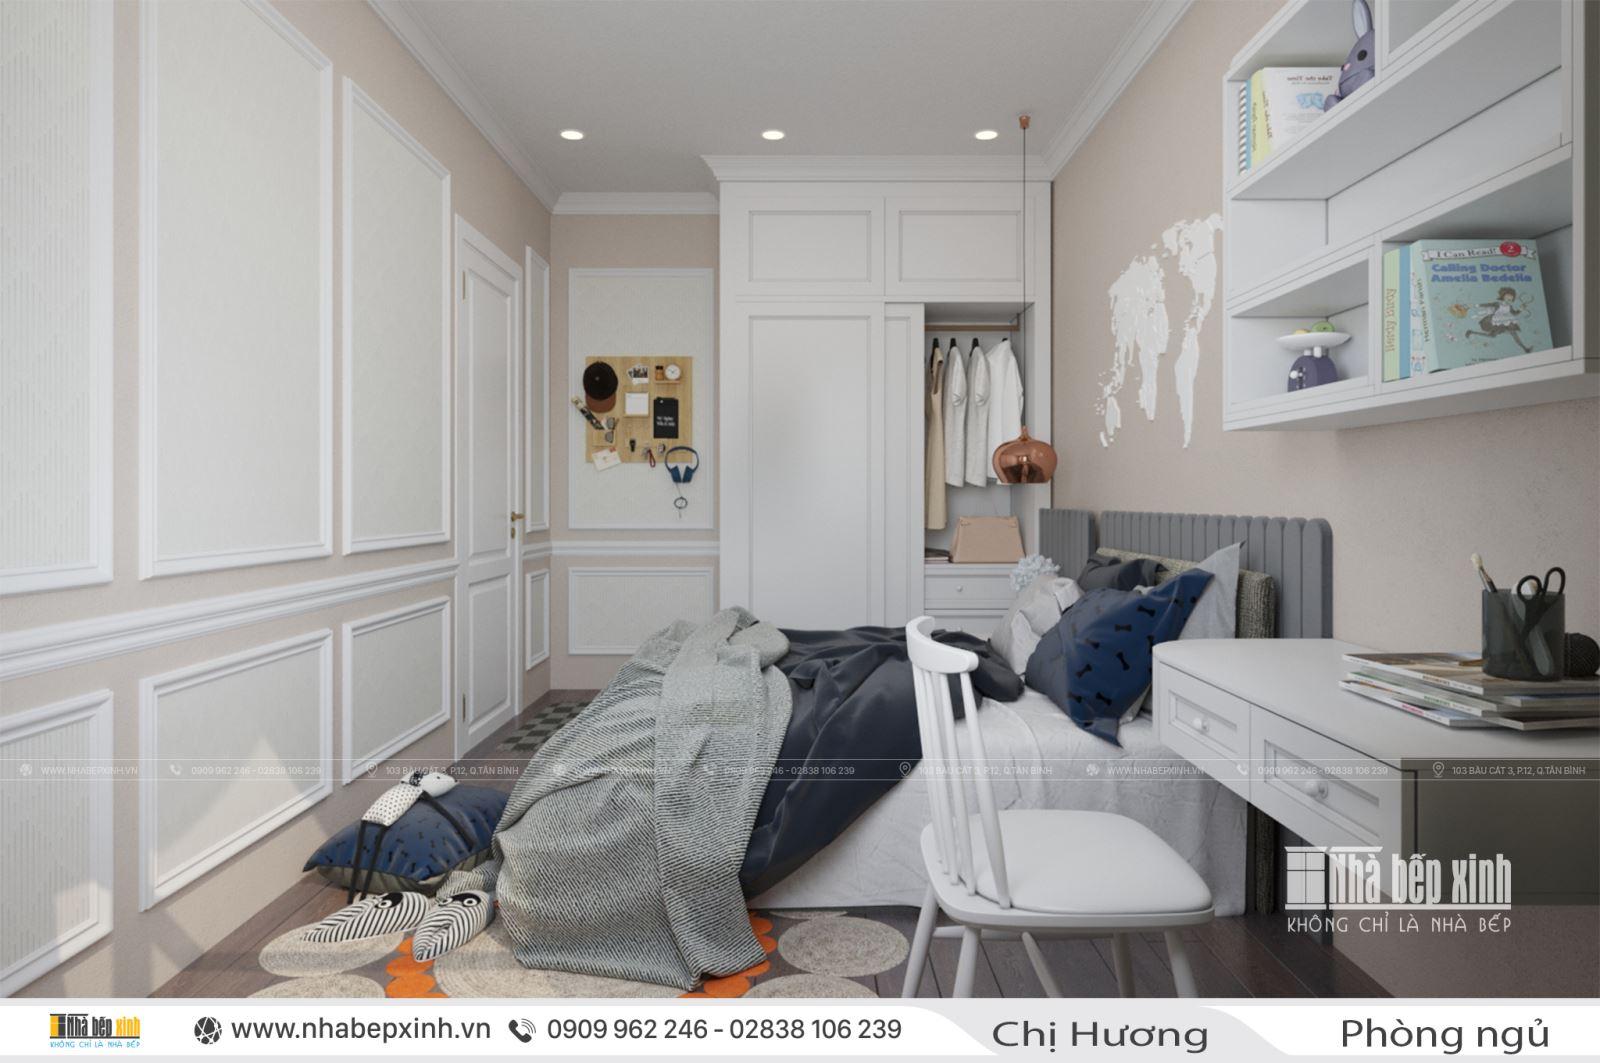 Phòng ngủ hiện đại nhà Chị Hương